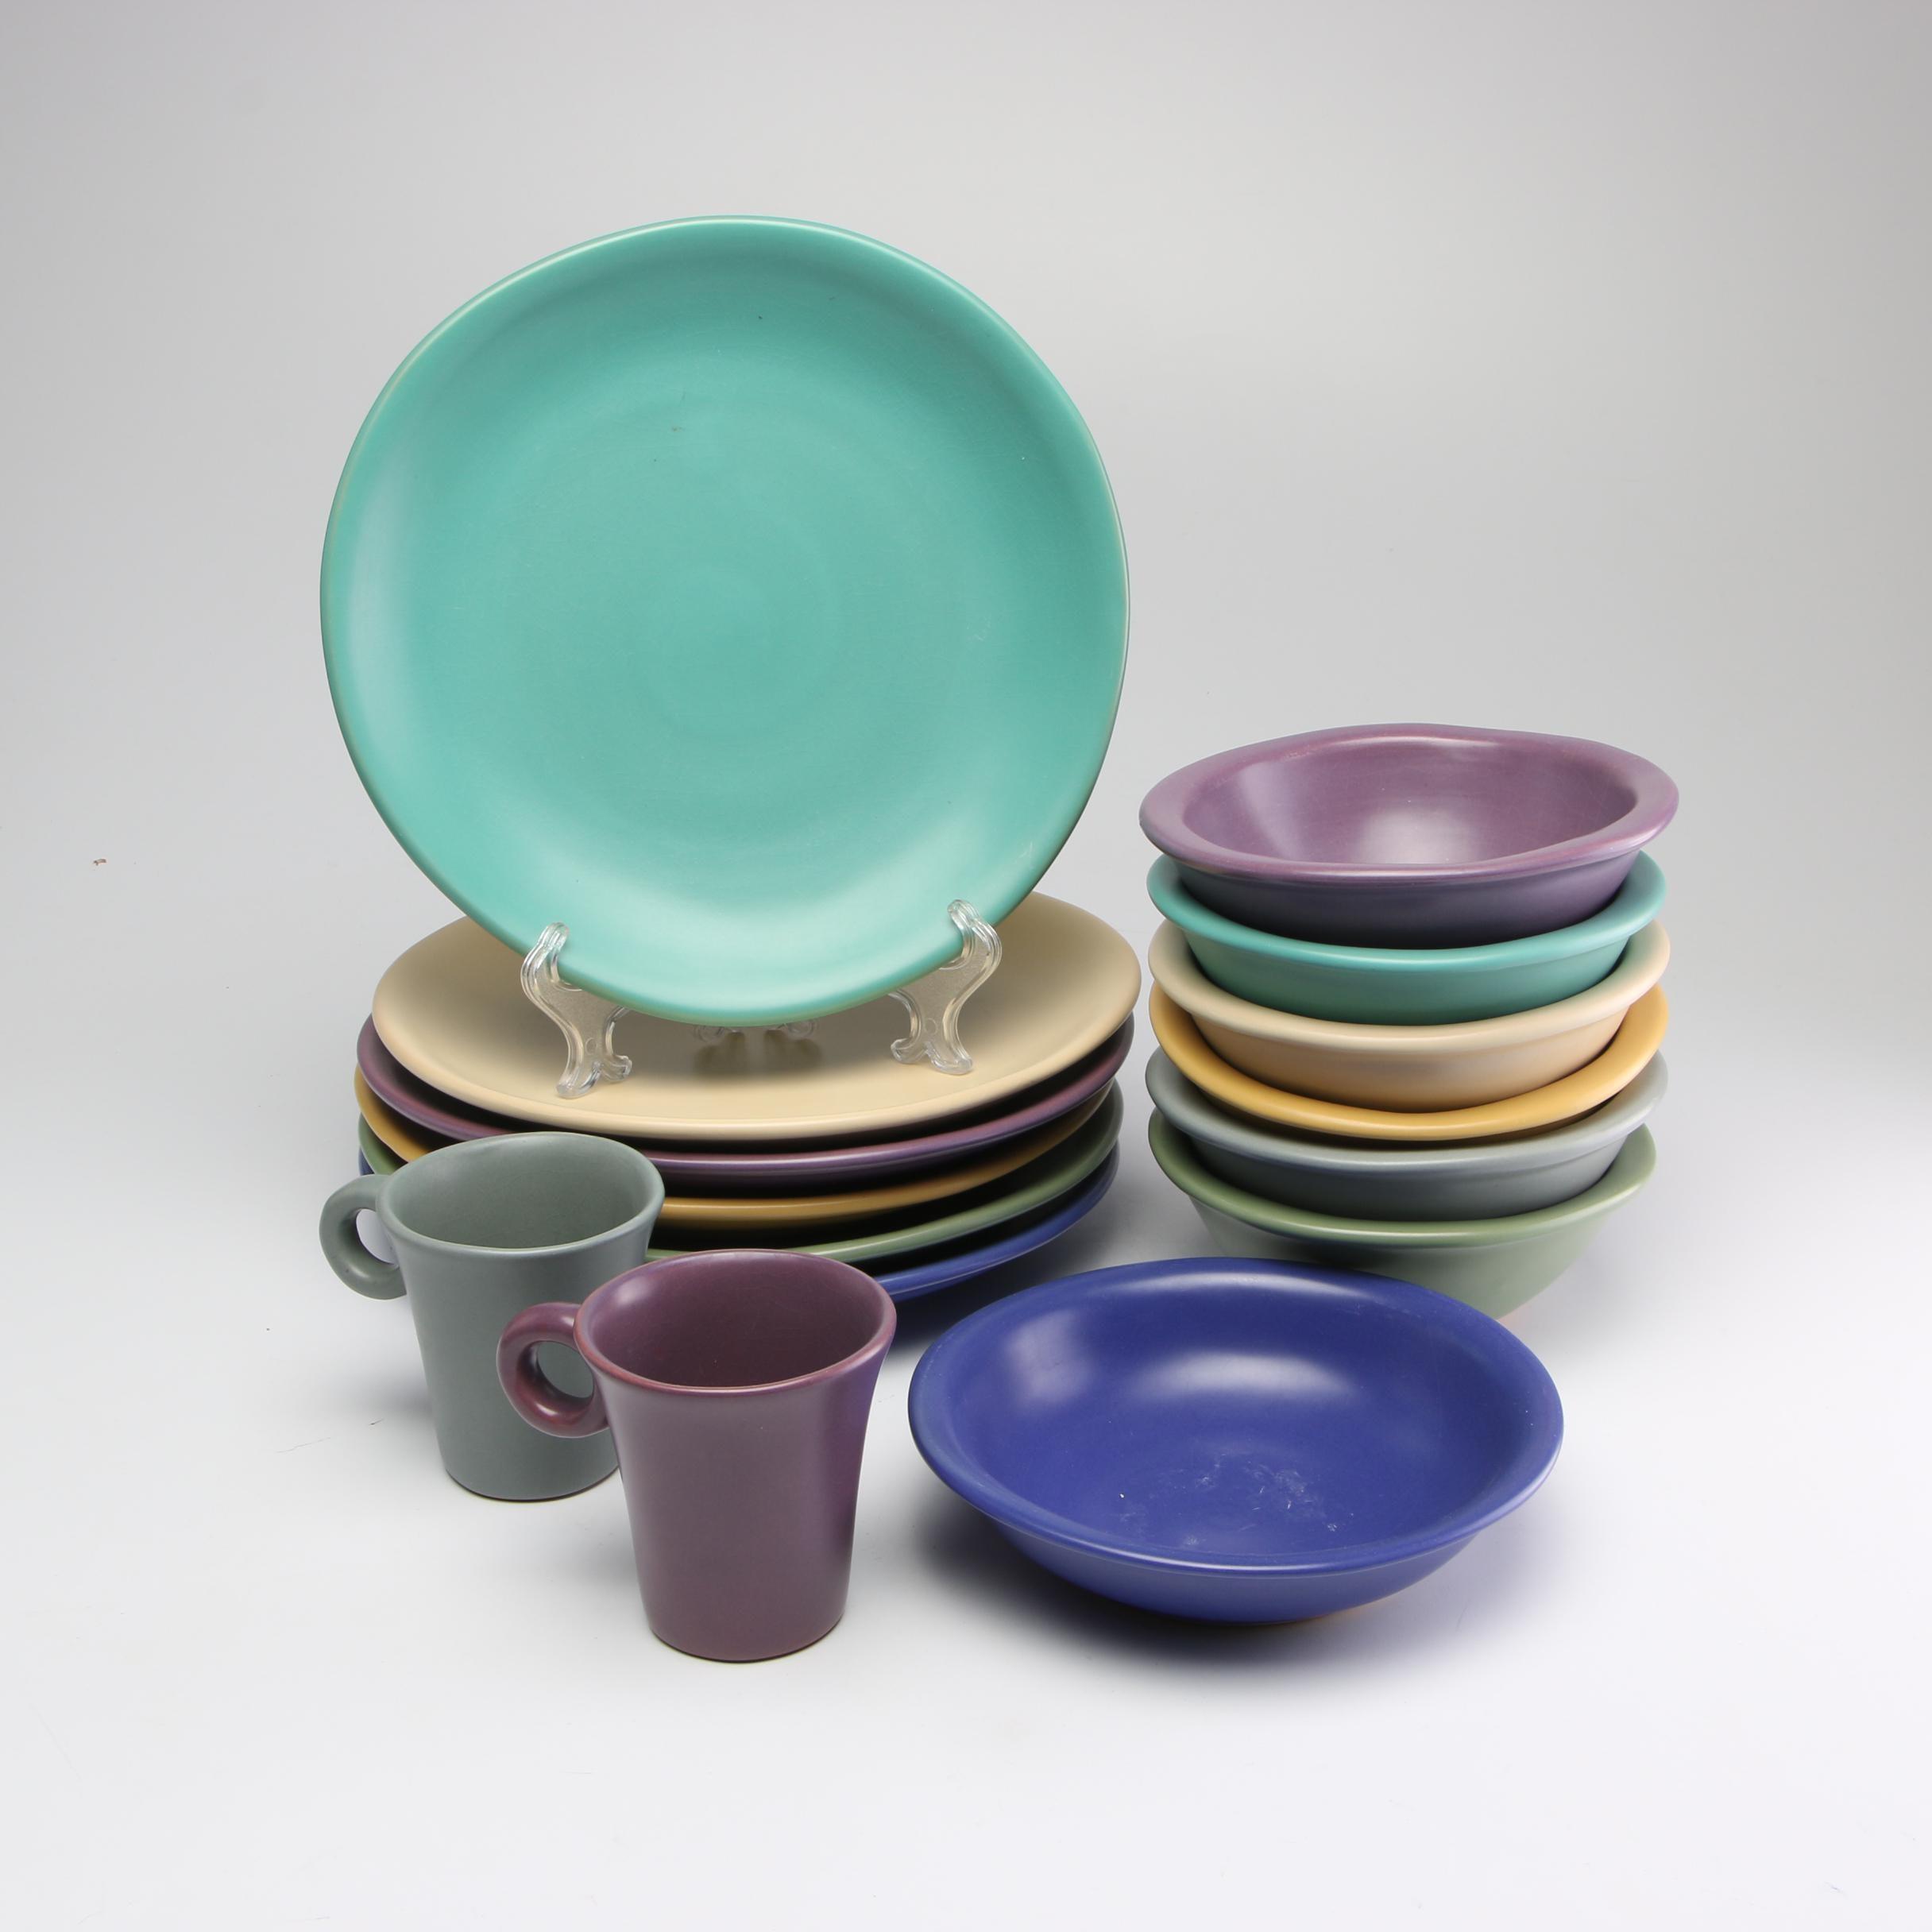 Luna García Thrown Stoneware Dinnerware, 1990s